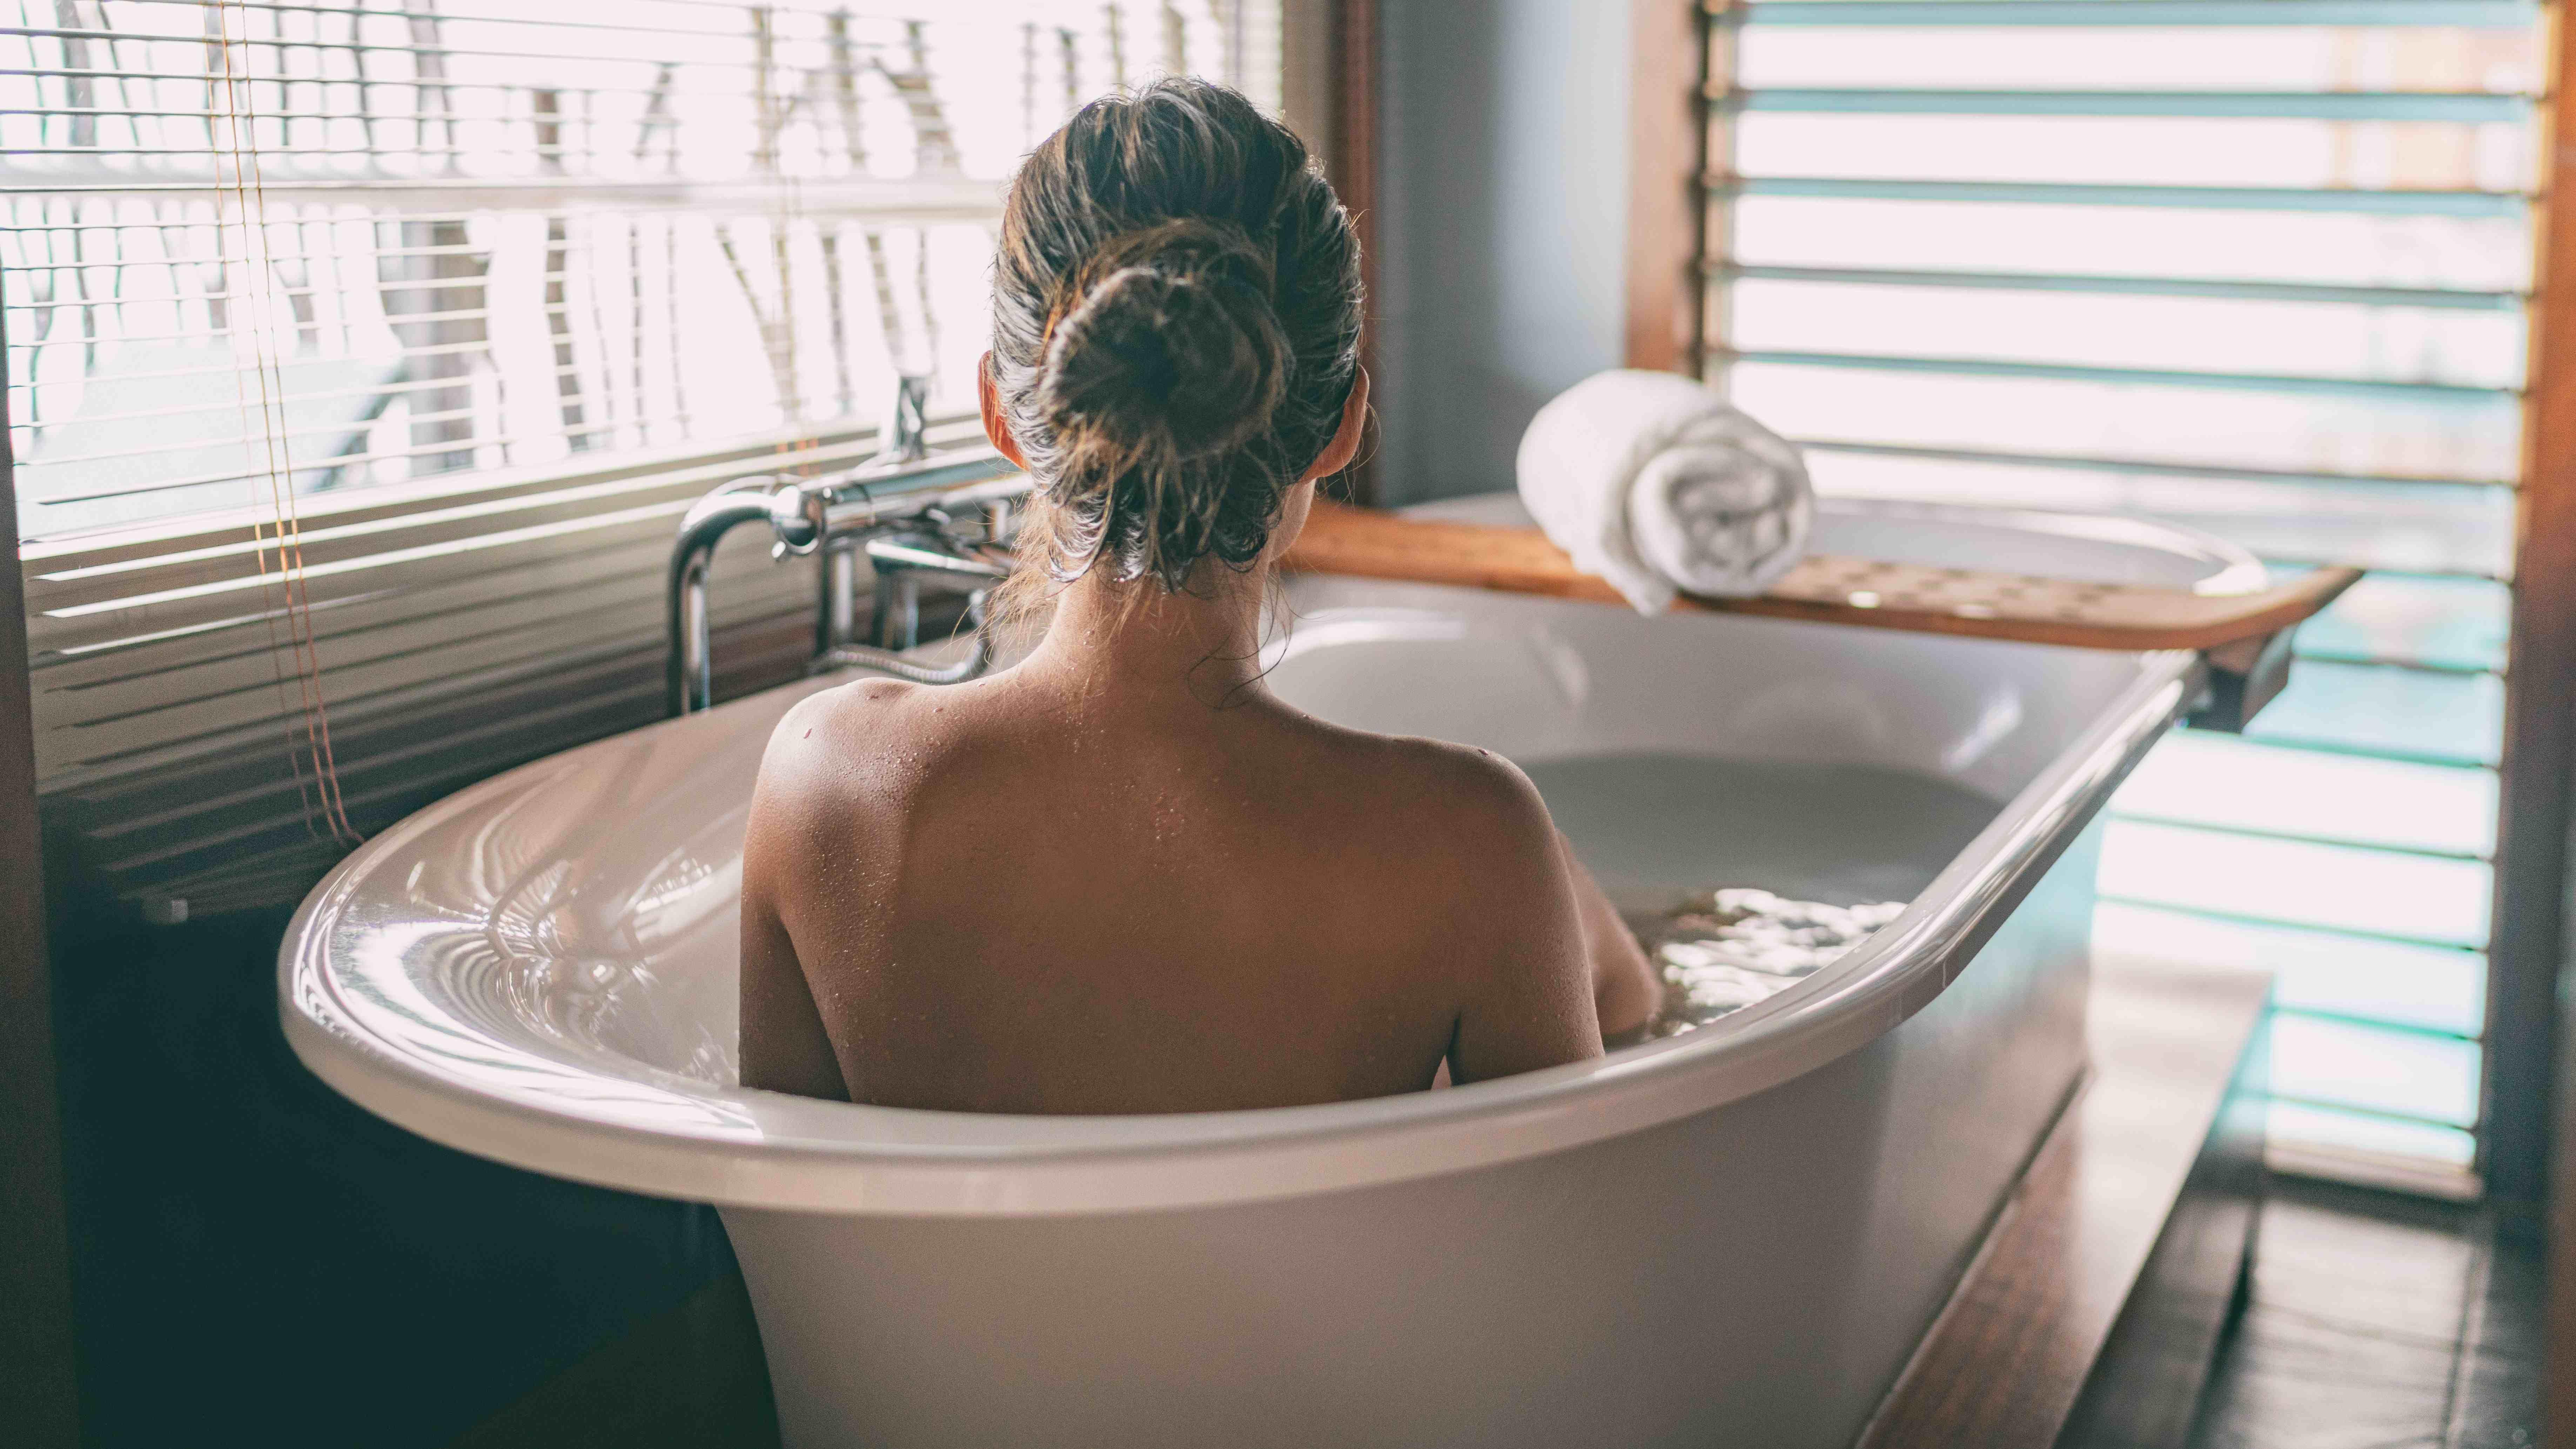 Badewanne oder Dusche: Was ist besser?